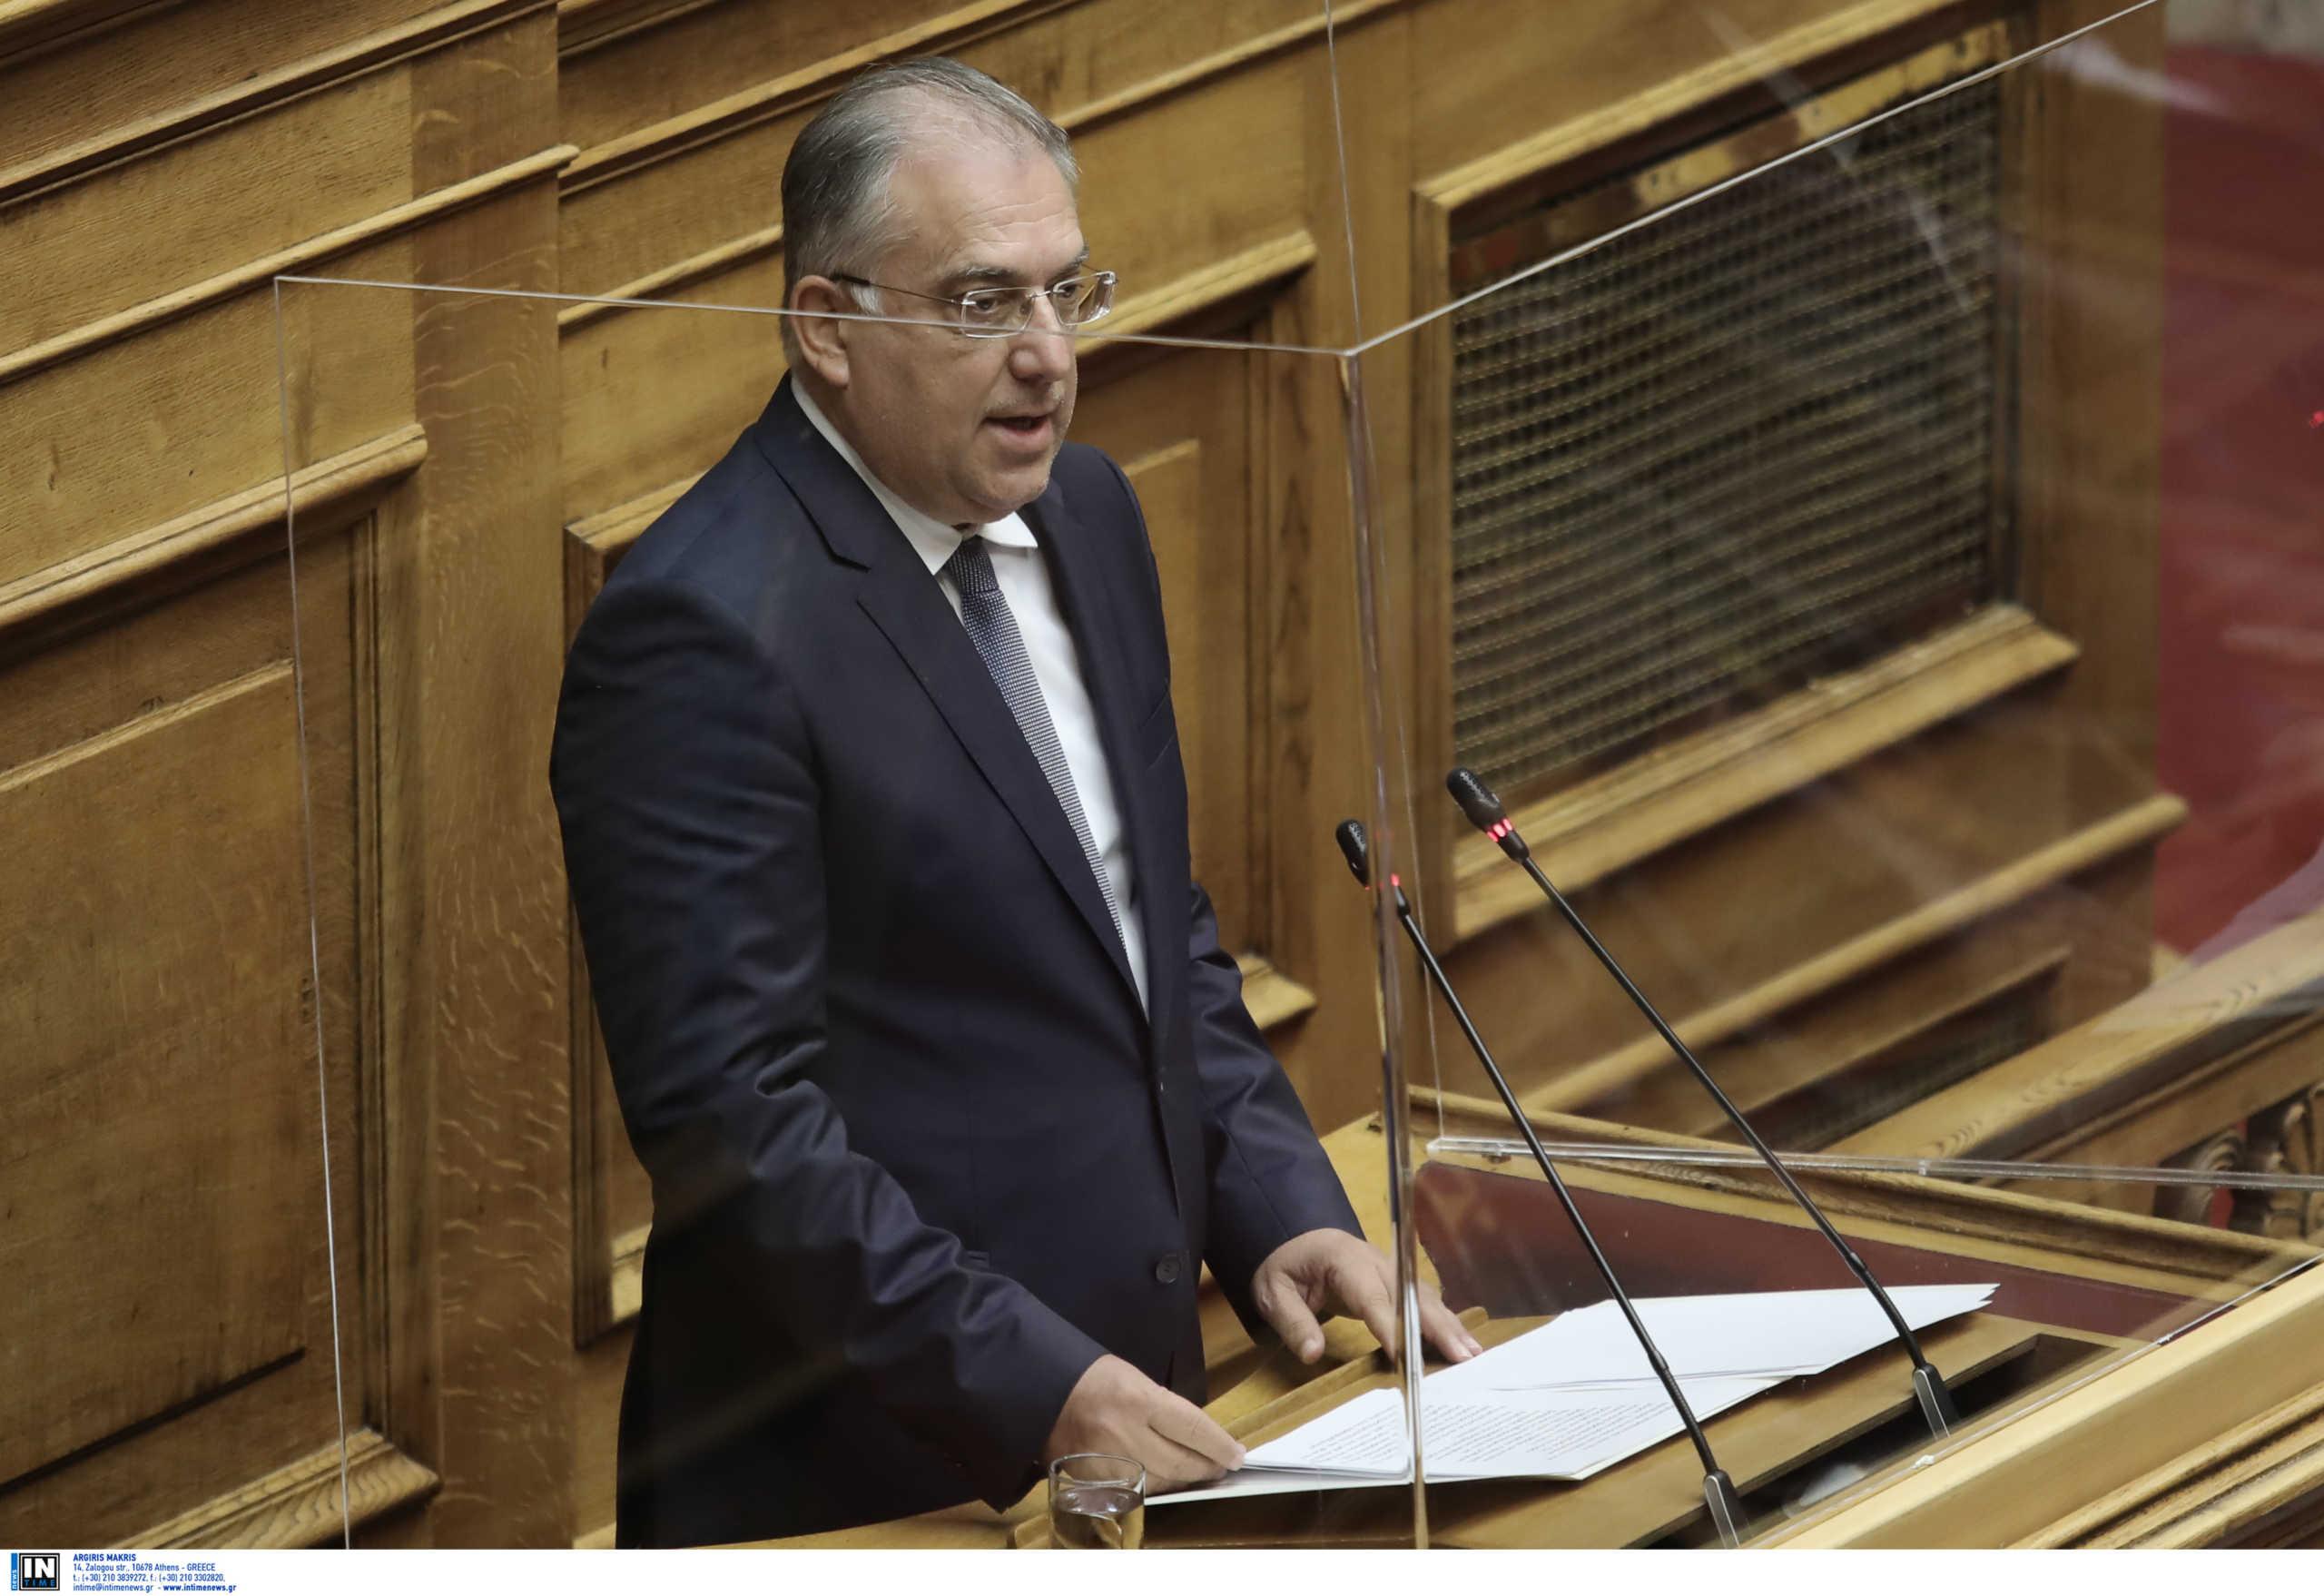 Θεοδωρικάκος: Νομοσχέδιο μέσα στο 2021 για τη λειτουργία του εθελοντικού κινήματος